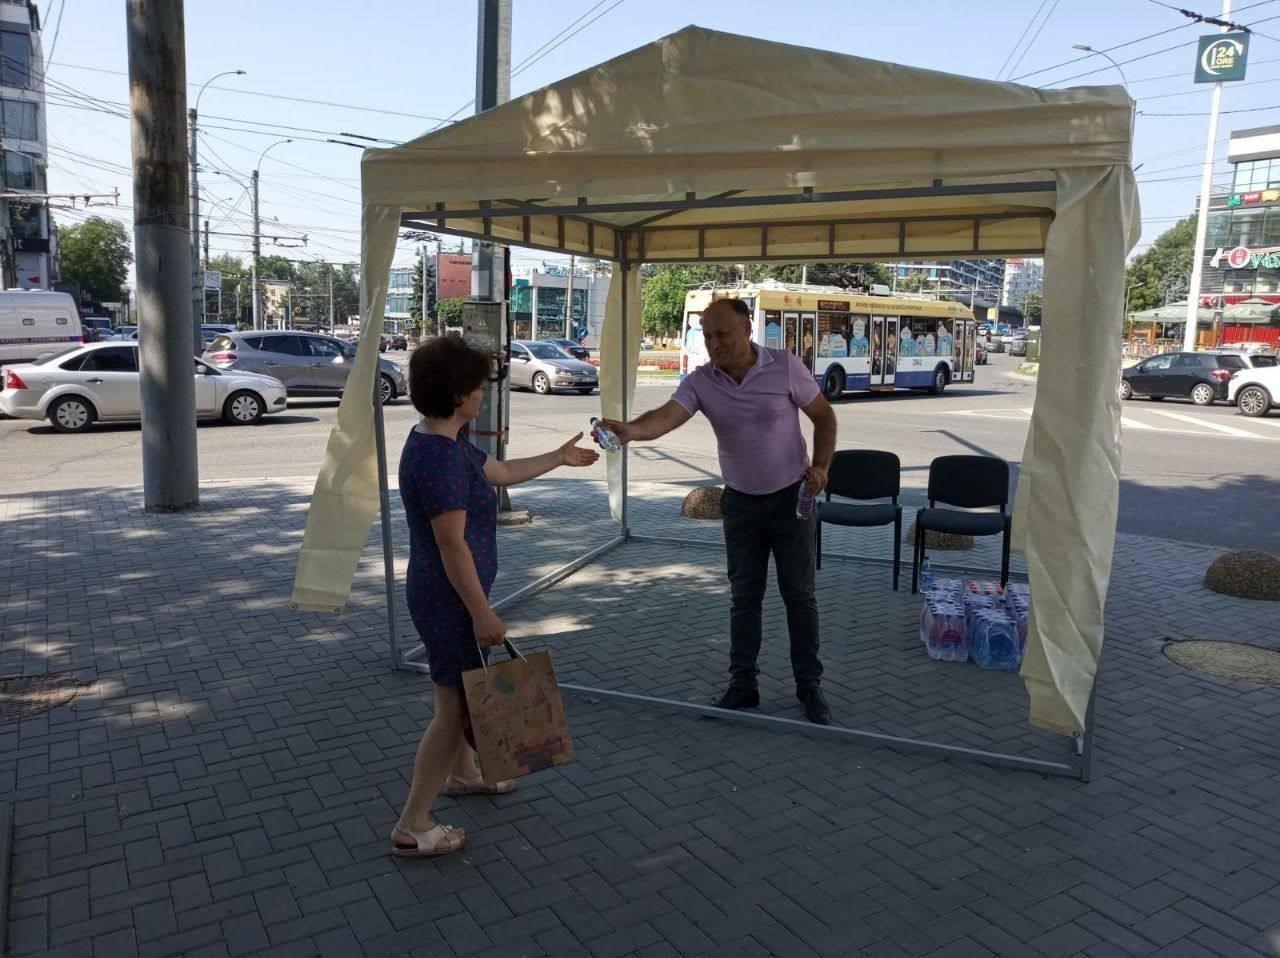 ВКишиневе установили палатки для защиты отжары (ФОТО)